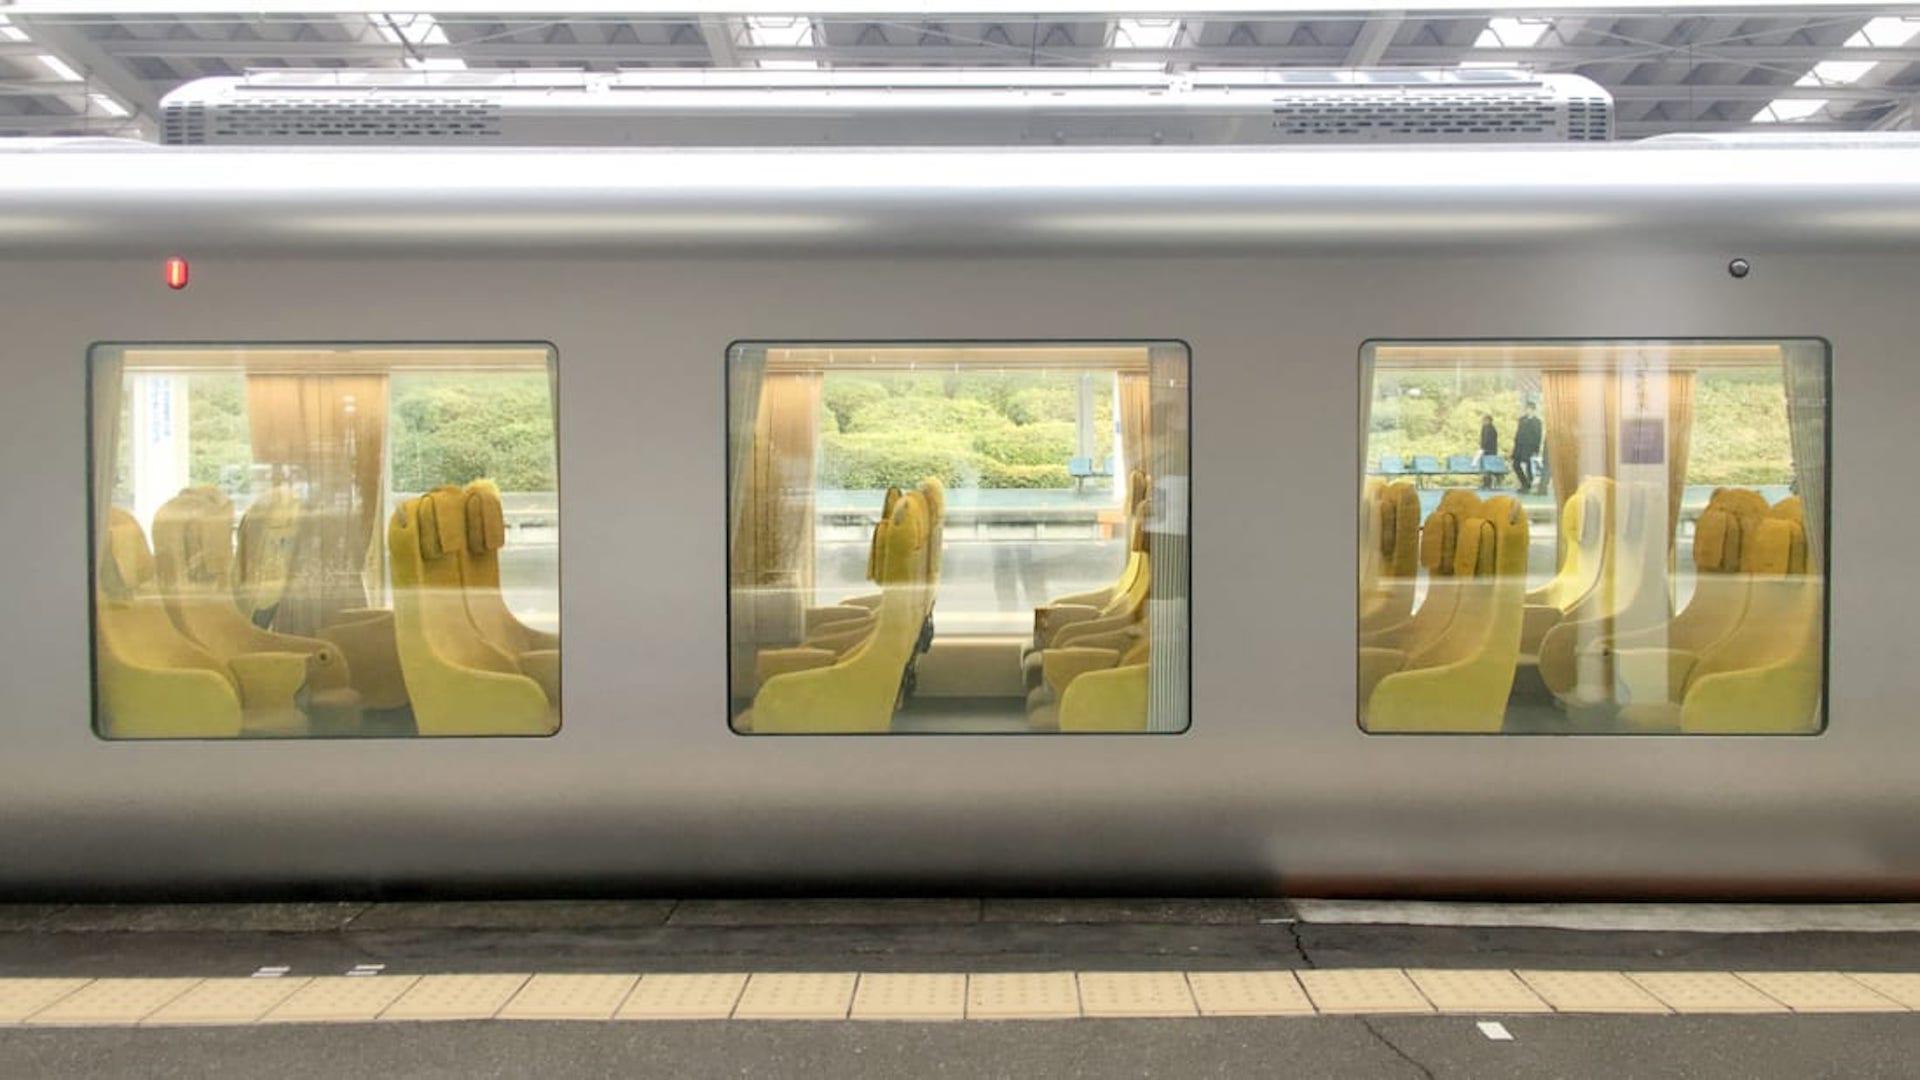 El nuevo tren en Japón con un interior diseñado como un living